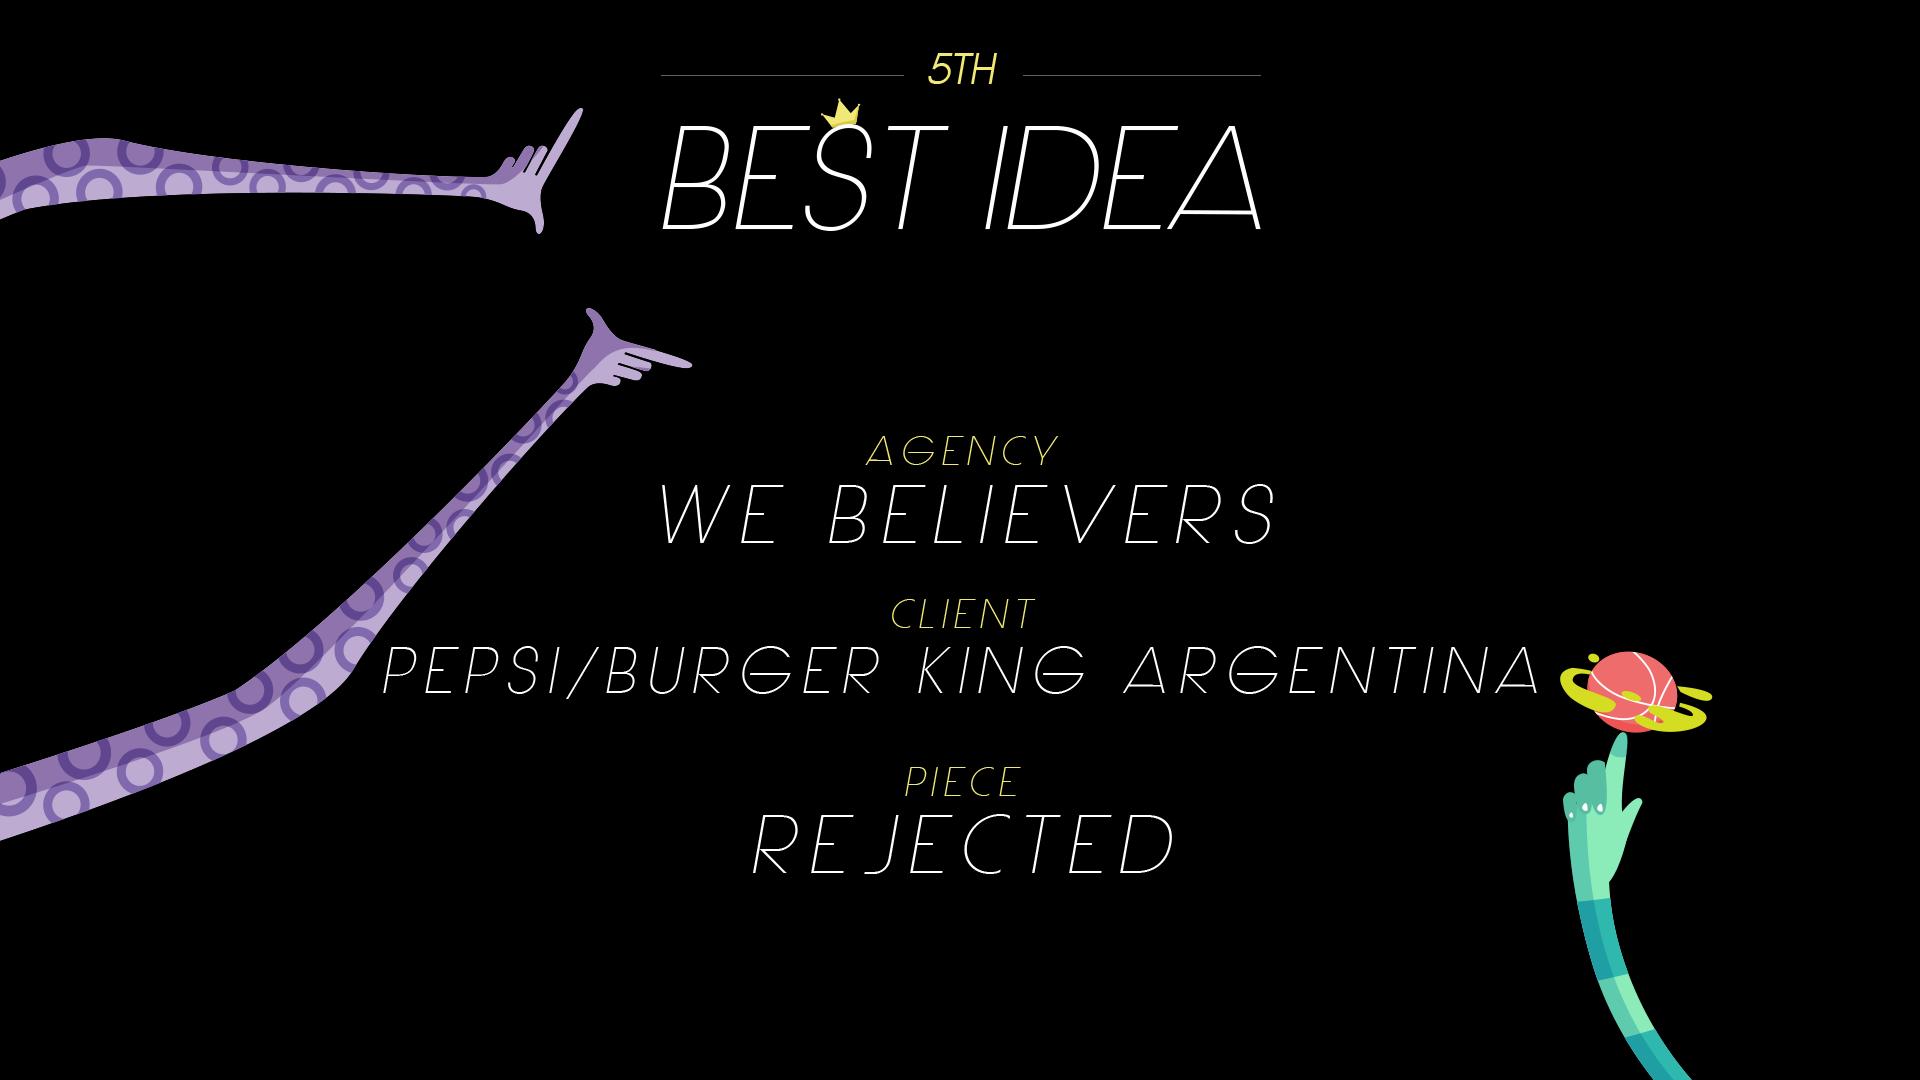 PLACAS BEST IDEA_5TH.png